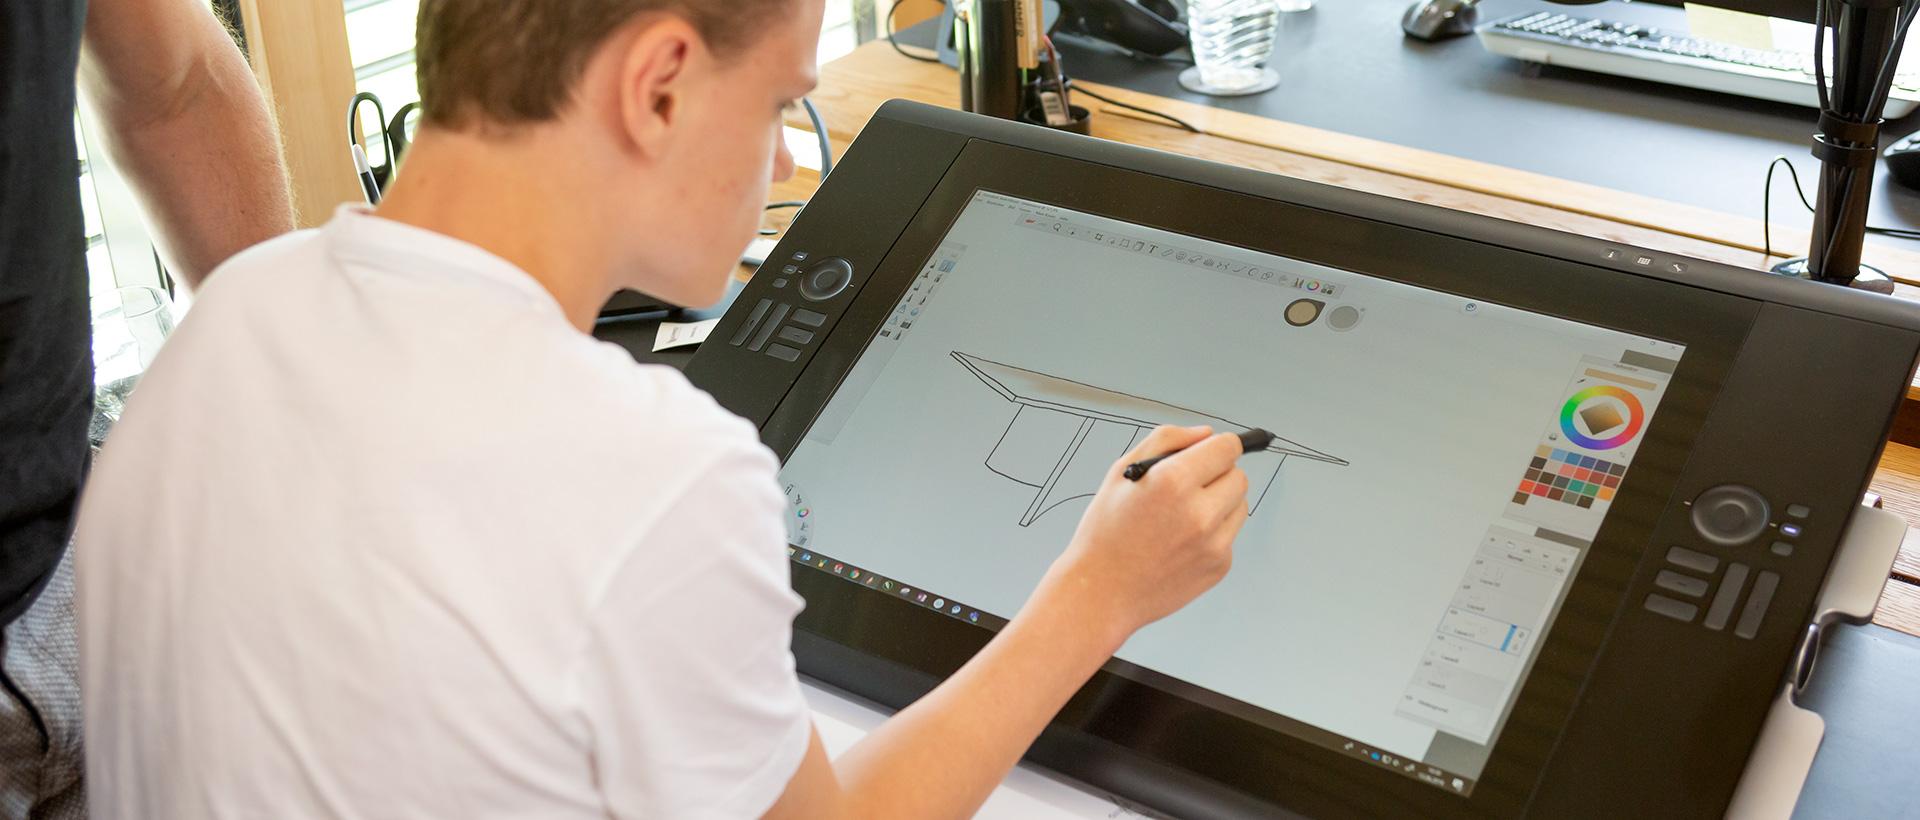 Praktikum im Produktdesign bei Wimmer Wohnkollektionen - eigene Entwürfe ausarbeiten als 3D-Modell